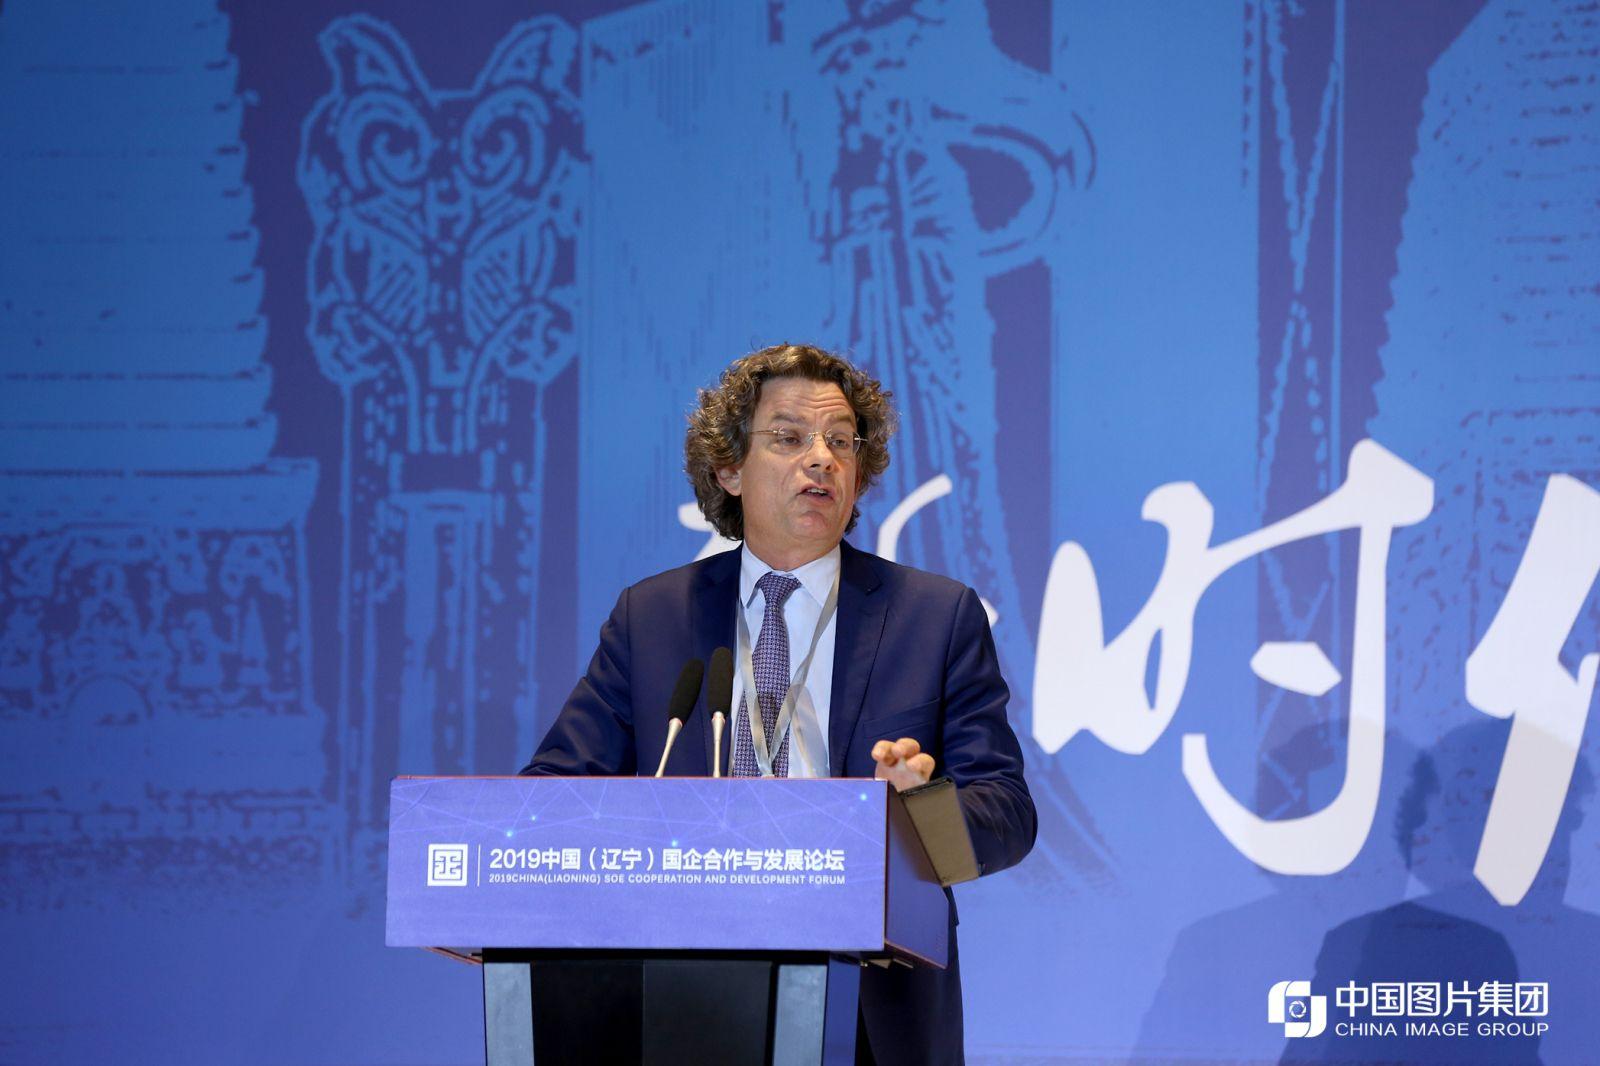 德国著名中国问题专家、德国资深记者弗朗克·泽林(Frank Sieren) 进行主题演讲。